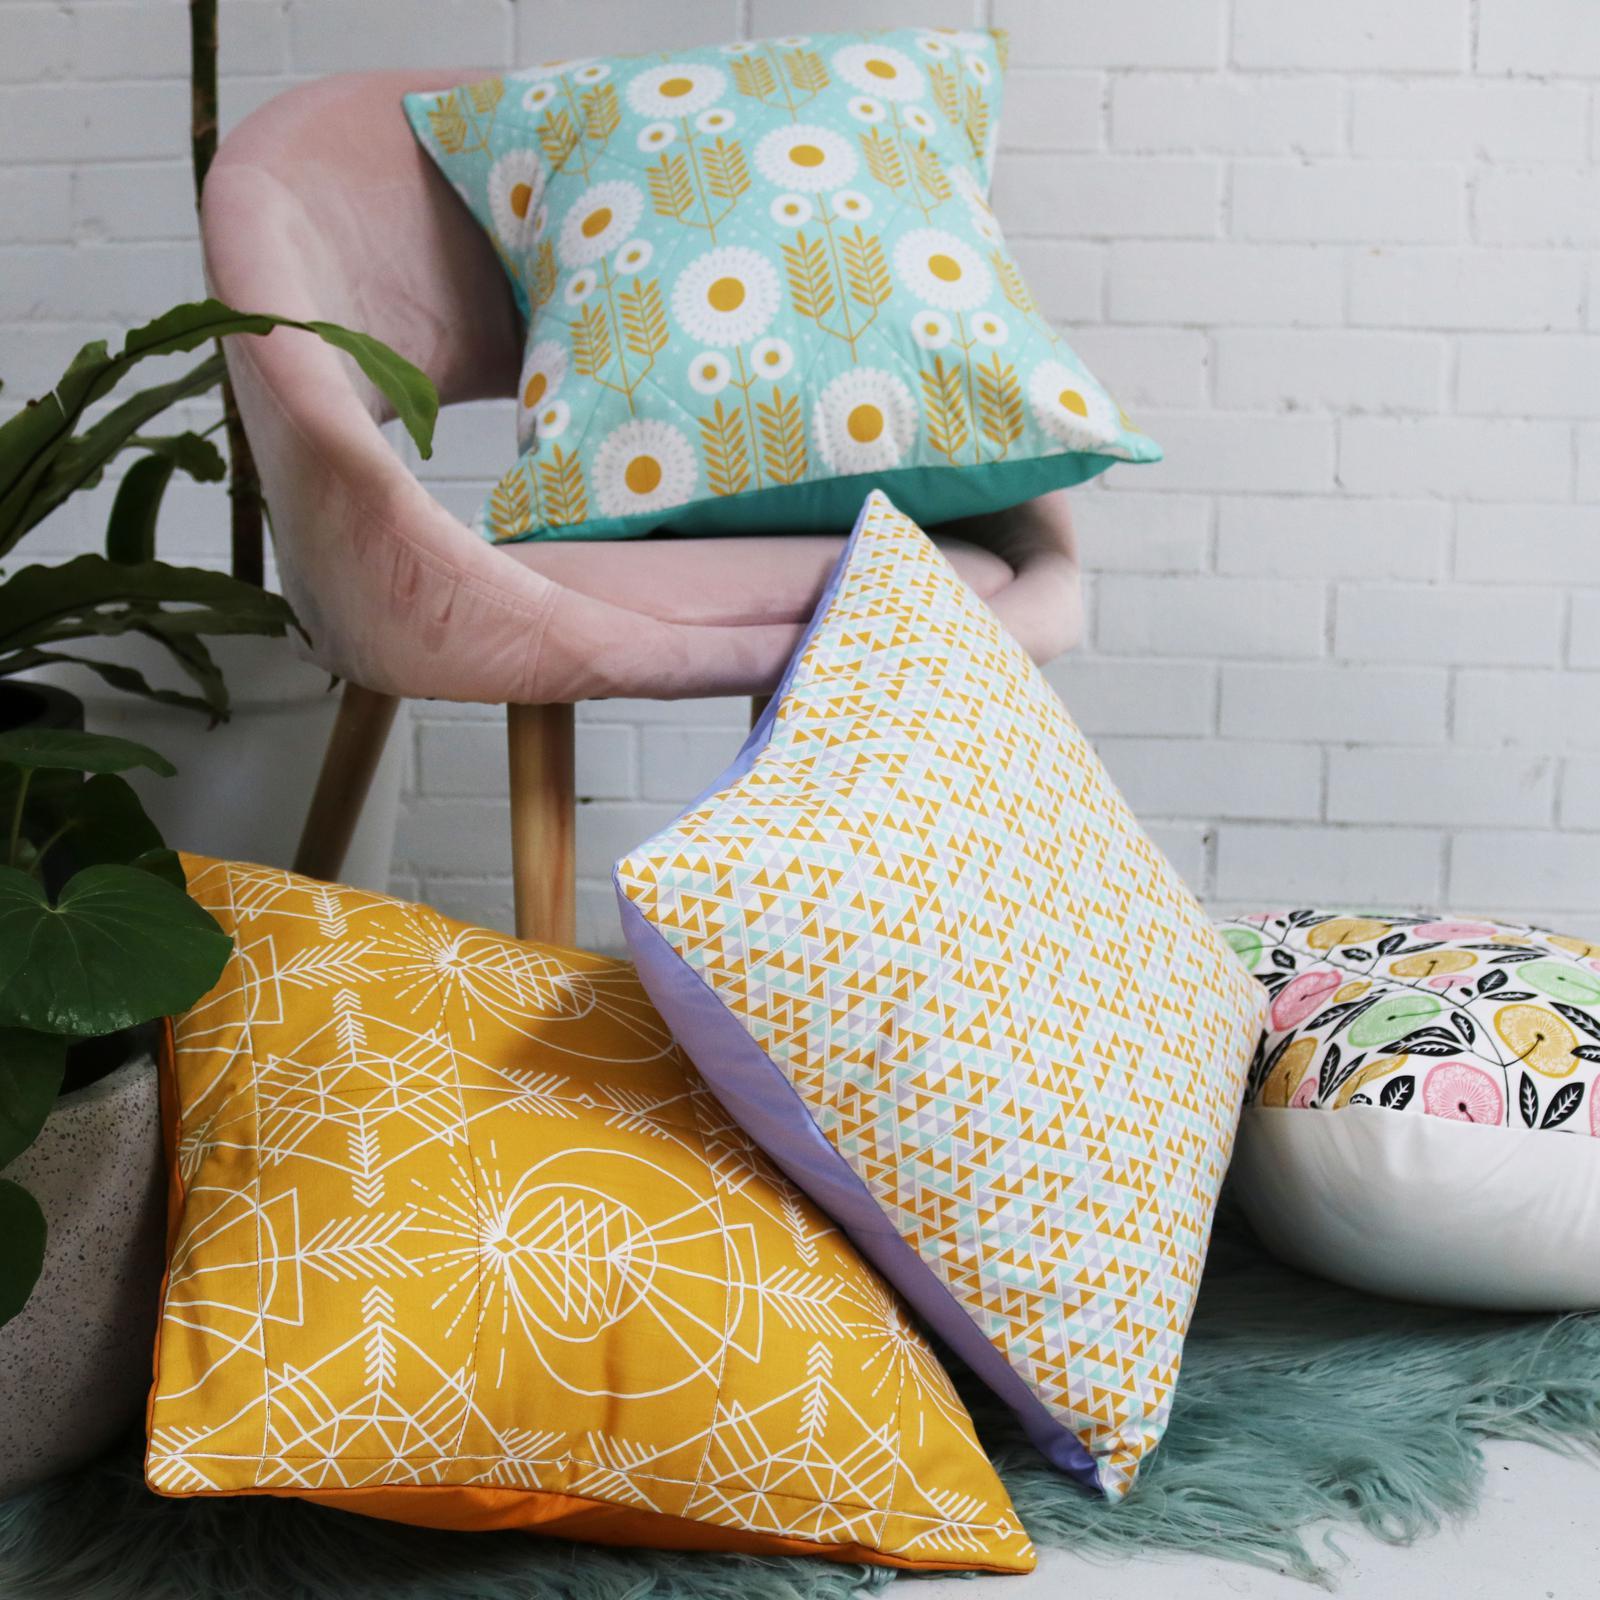 Boho Style Cushions